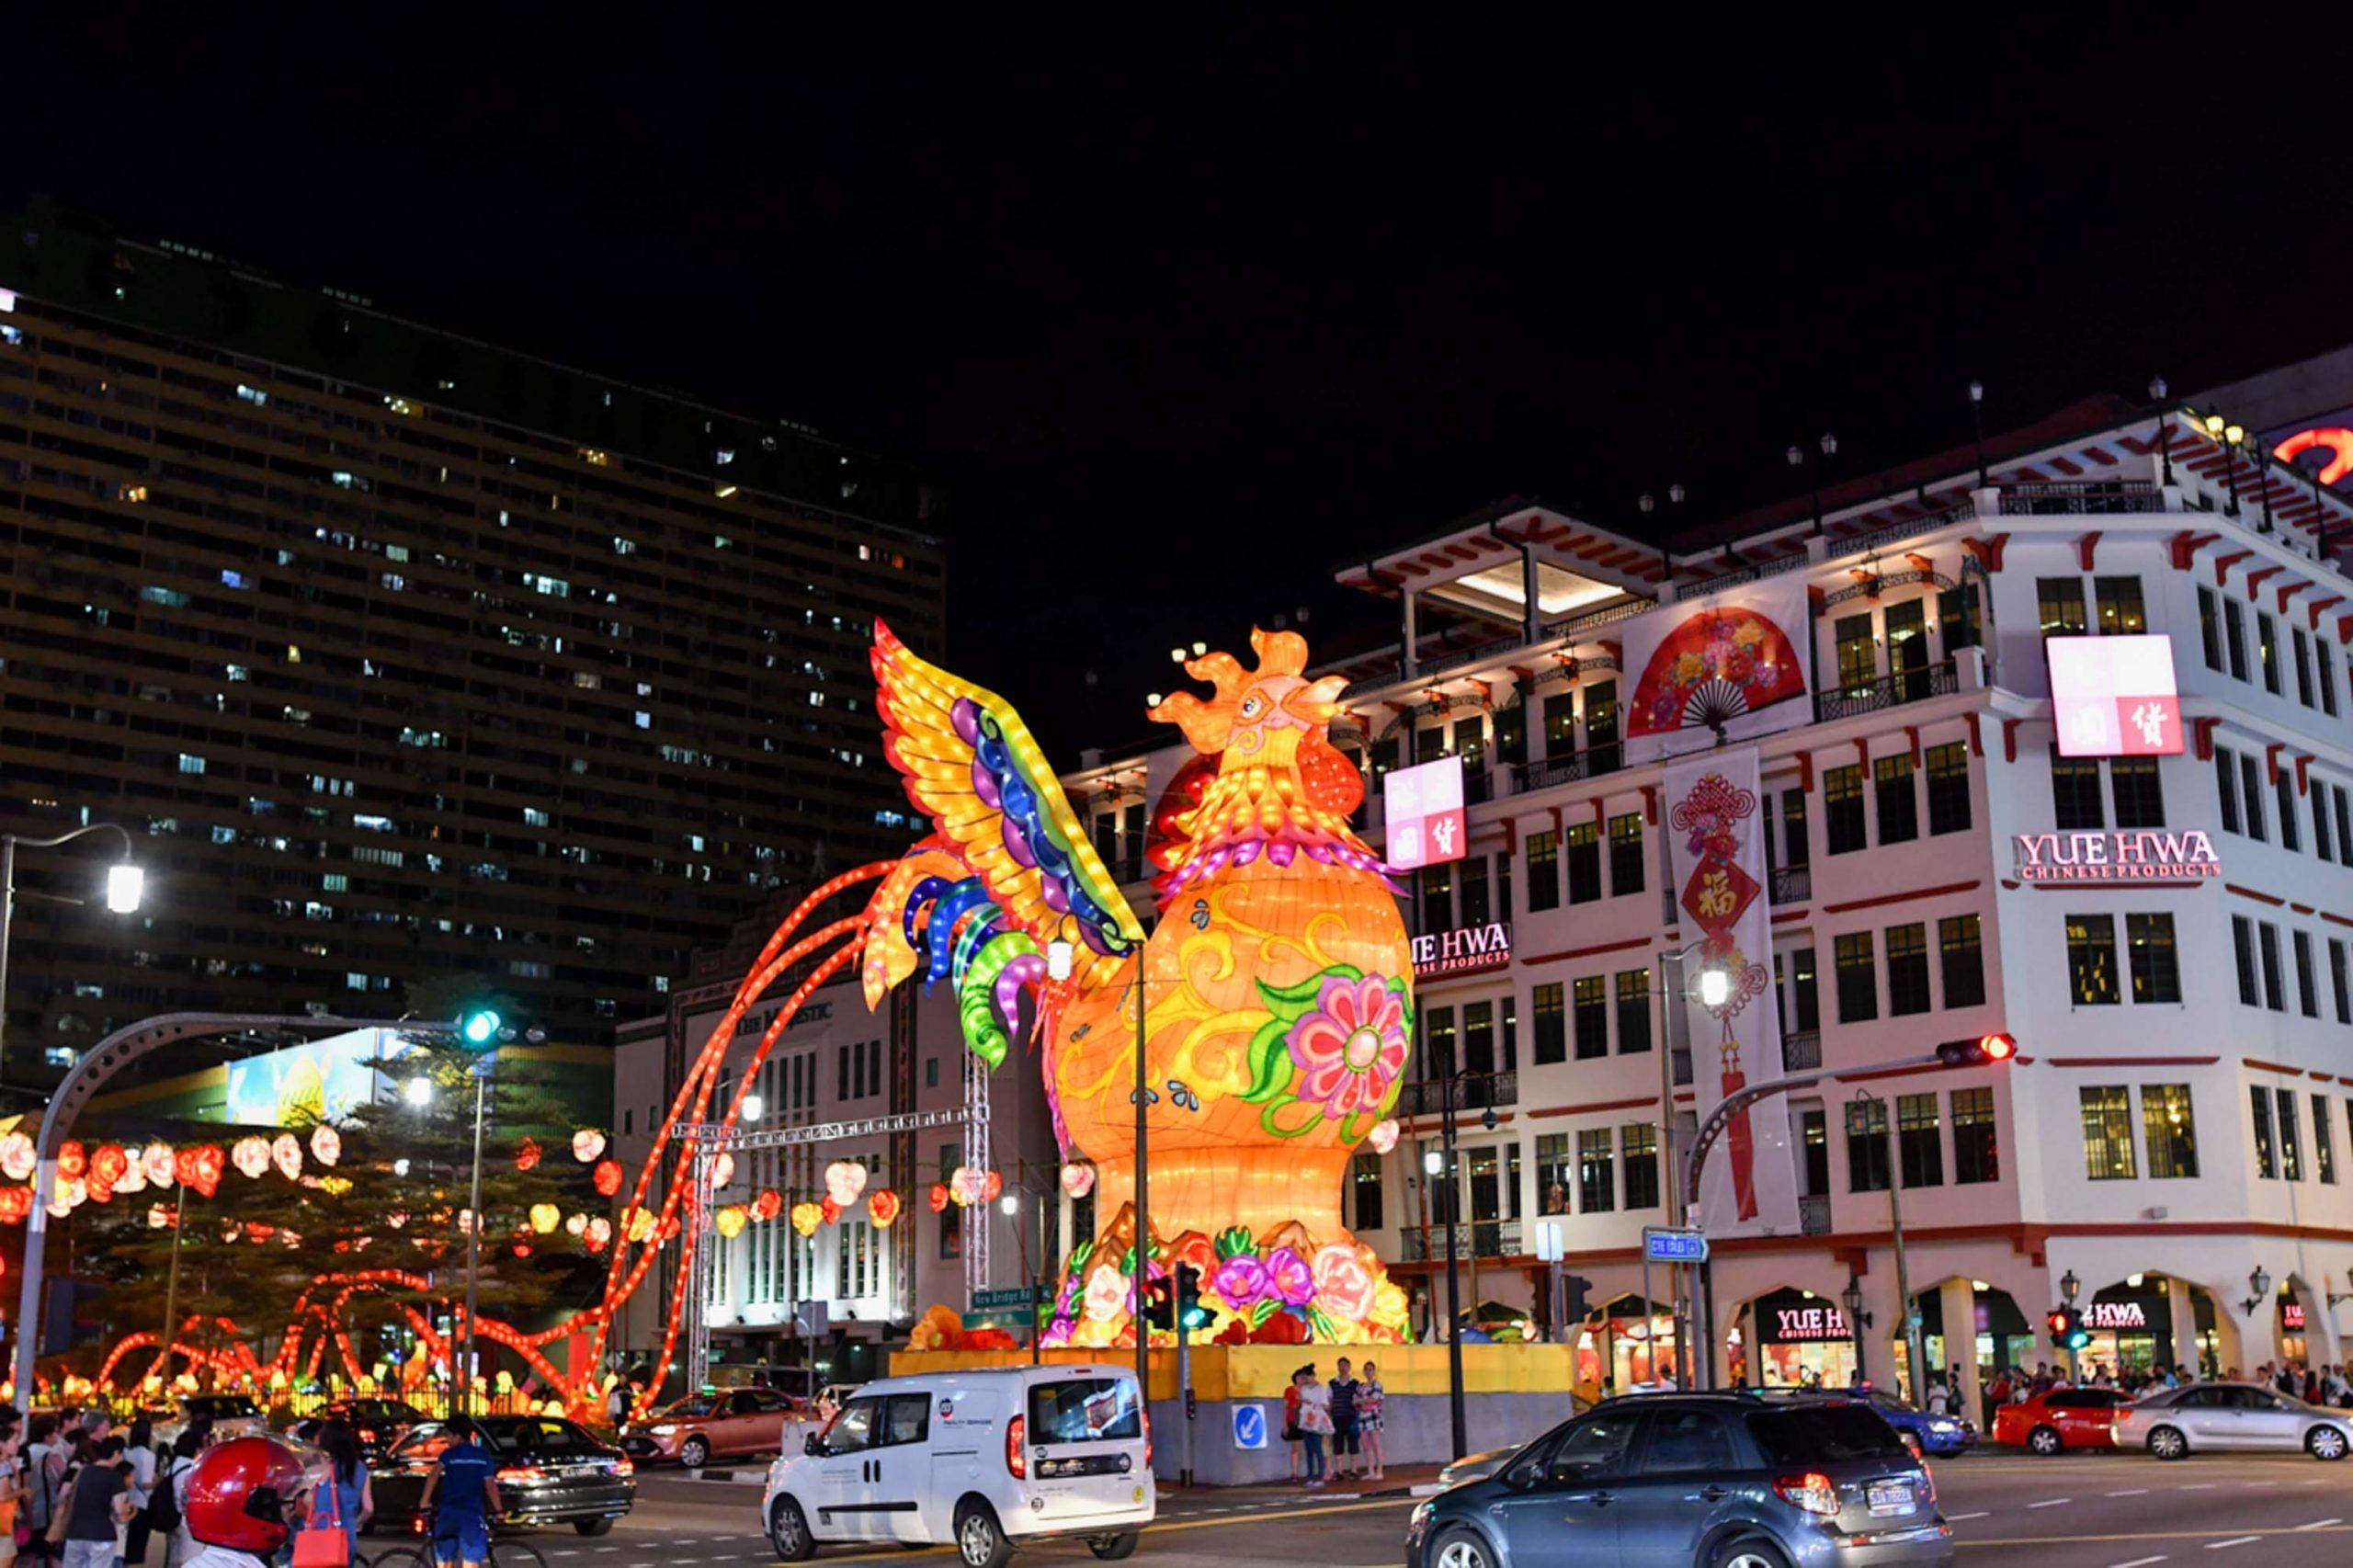 Chinatown Chinese New Year Street Light-Up